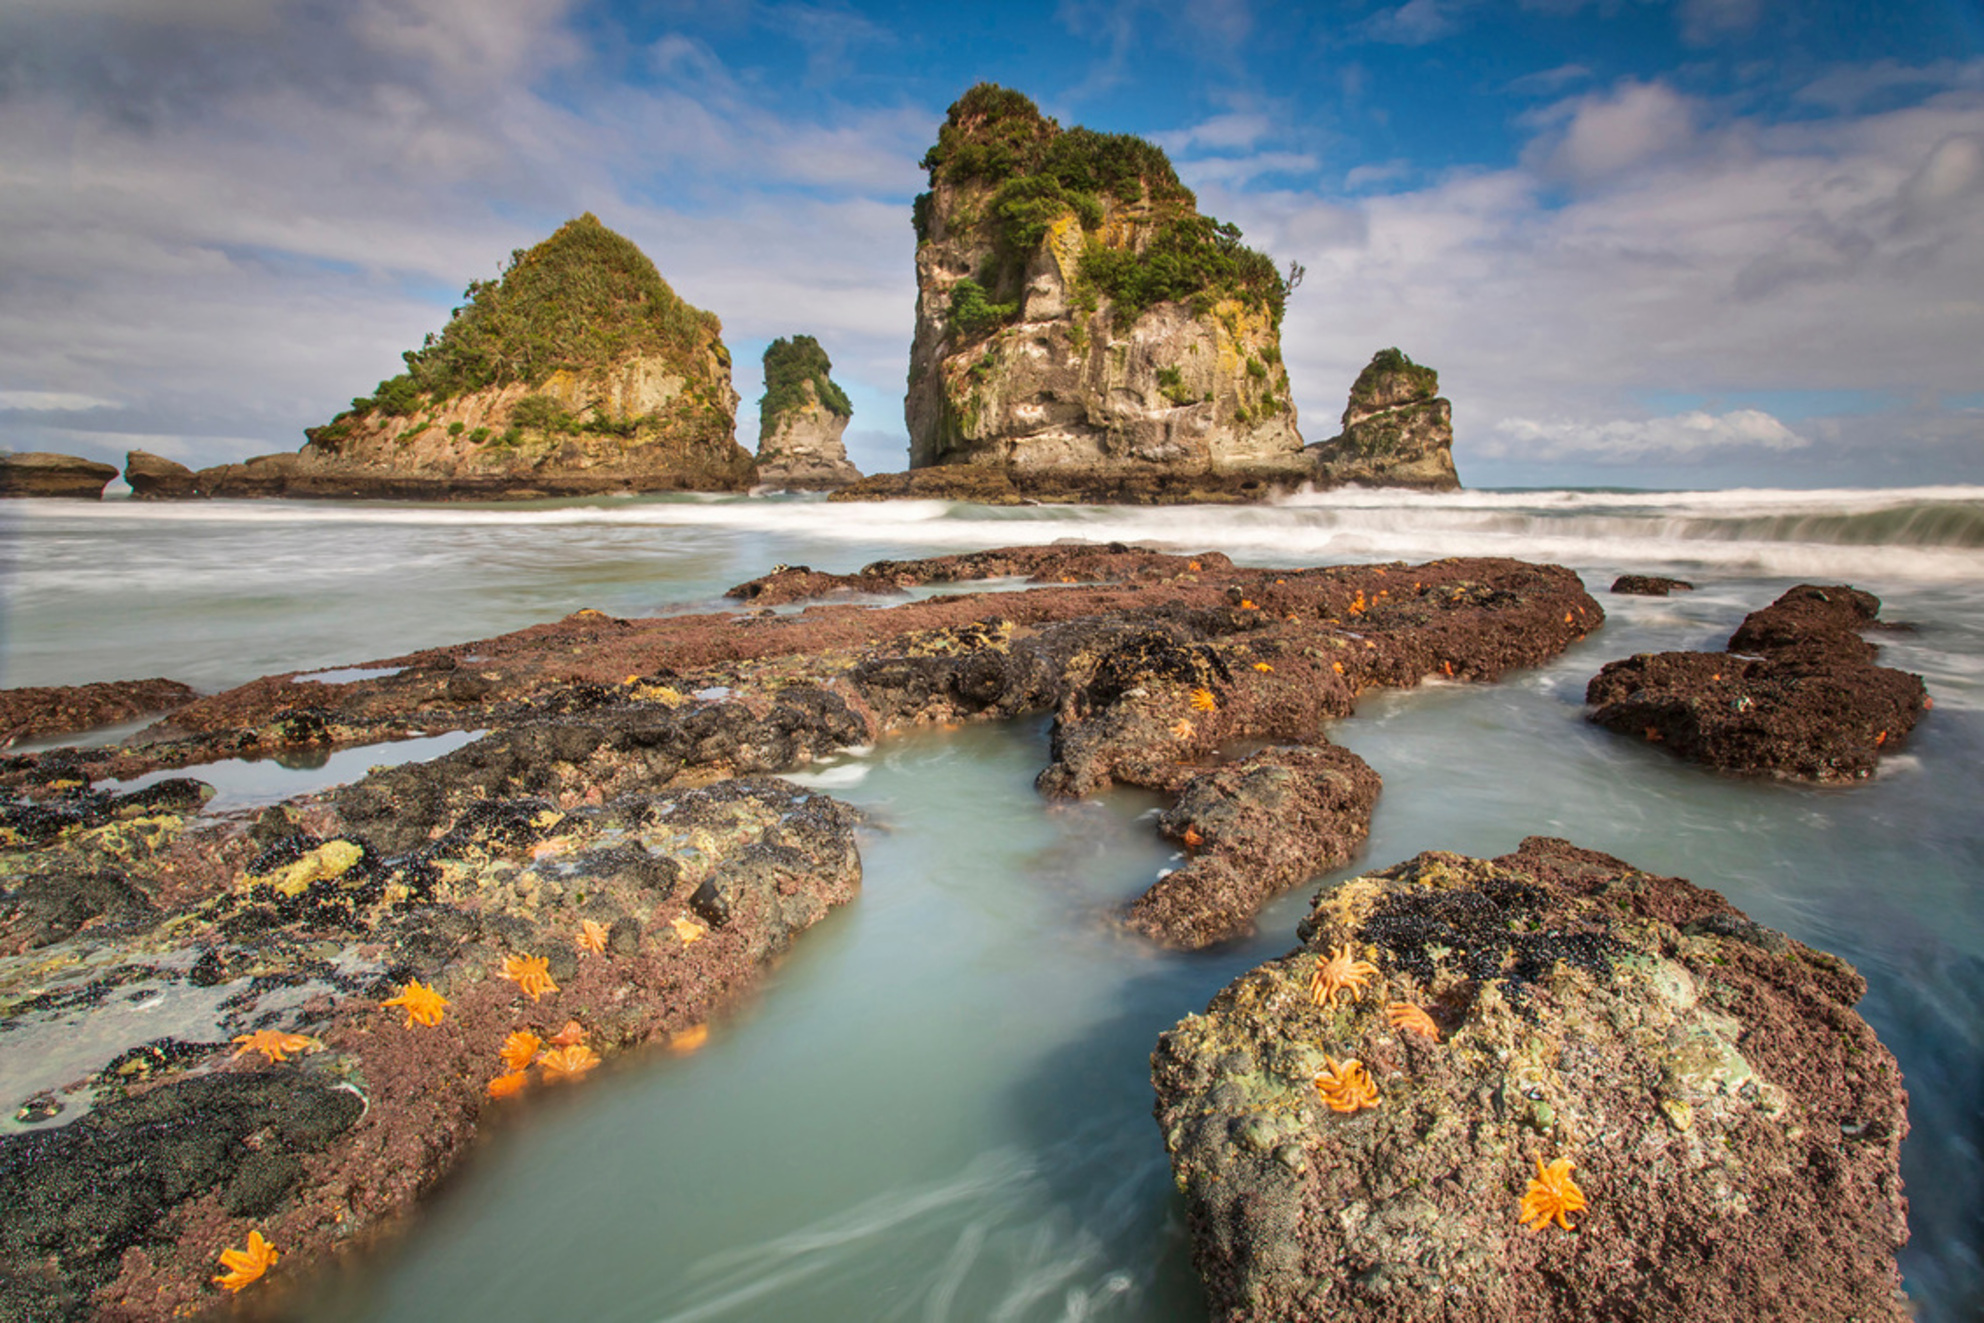 Mutukiekie beach - Mutukiekie beach aan de ruige westkust van Nieuw Zeelands zuidereiland is een bijzonder mooi strand dat alleen rondom laagtij bereikbaar is. - foto door antwan op 25-02-2021 - deze foto bevat: natuur, landschap, kust